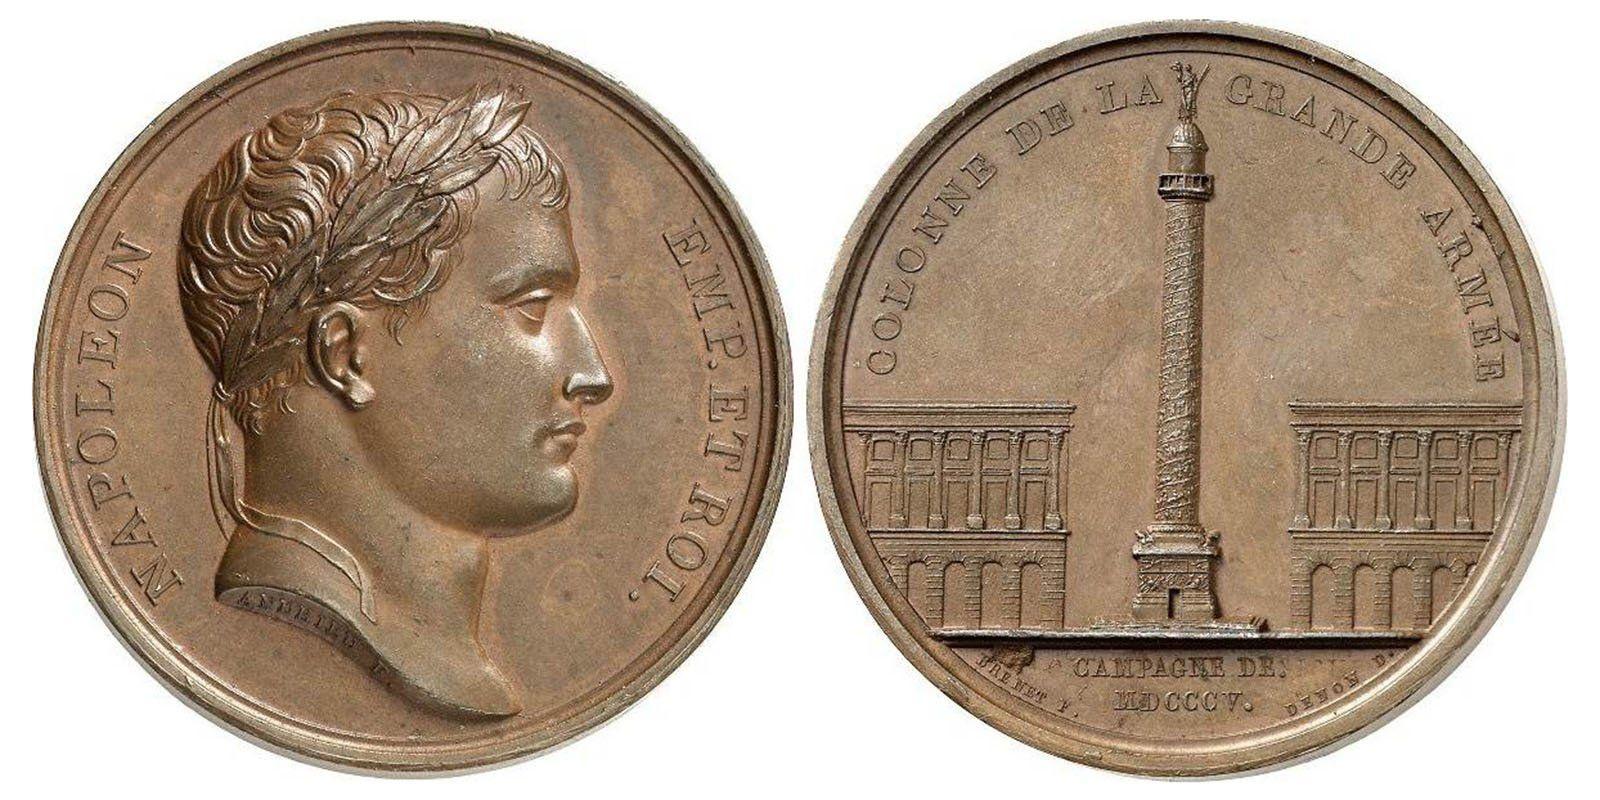 Памятная медаль, посвященная кампании 1805 года, с Вандомской колонной и головой Наполеона в лавровом венке